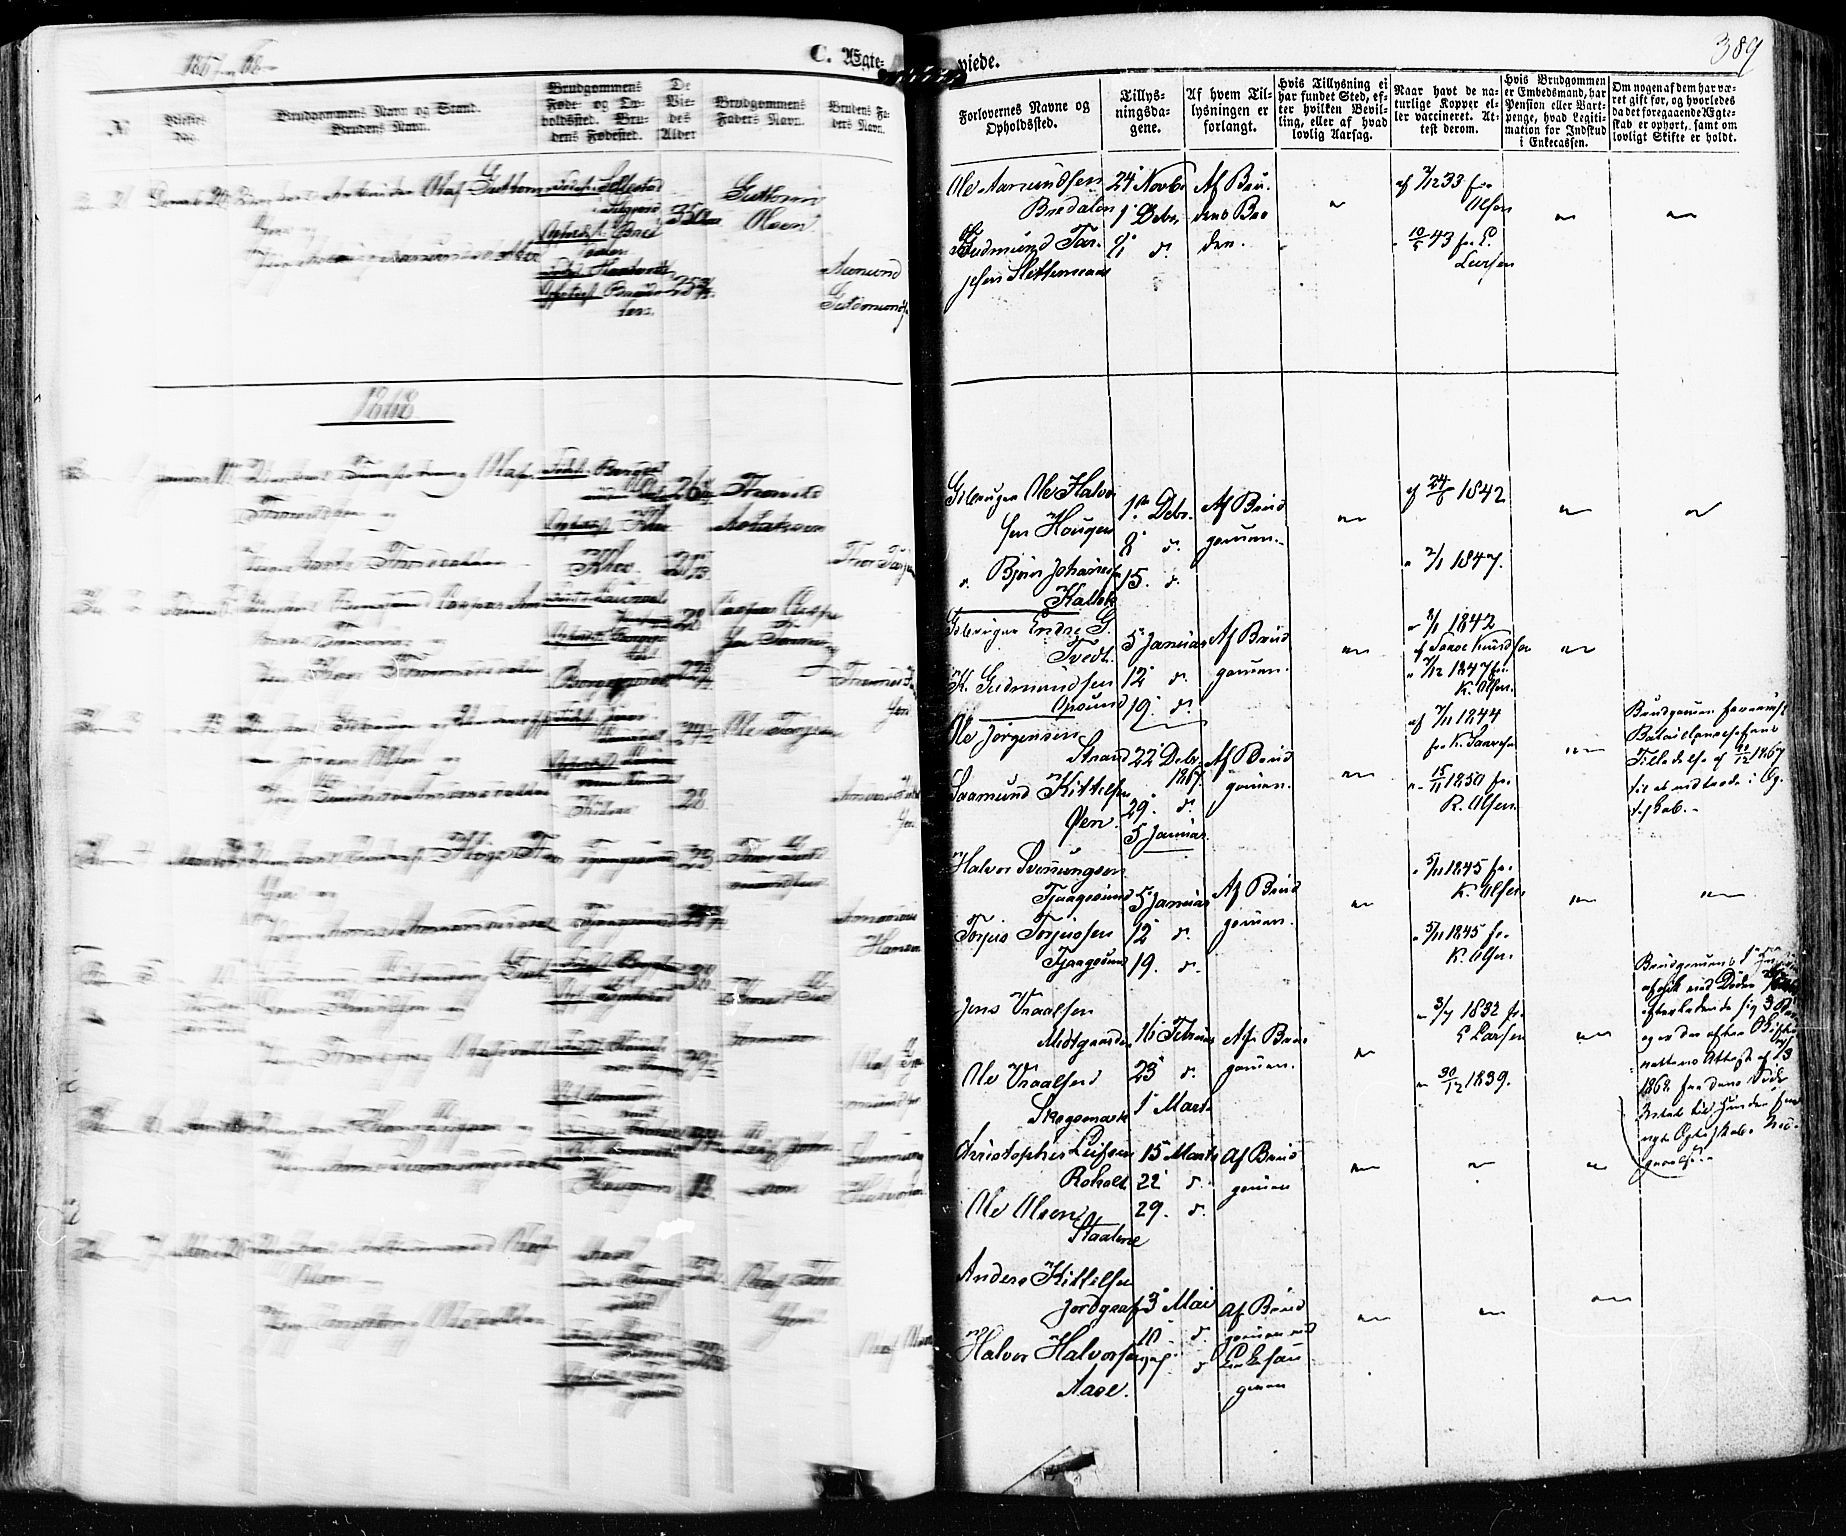 SAKO, Kviteseid kirkebøker, F/Fa/L0007: Ministerialbok nr. I 7, 1859-1881, s. 389